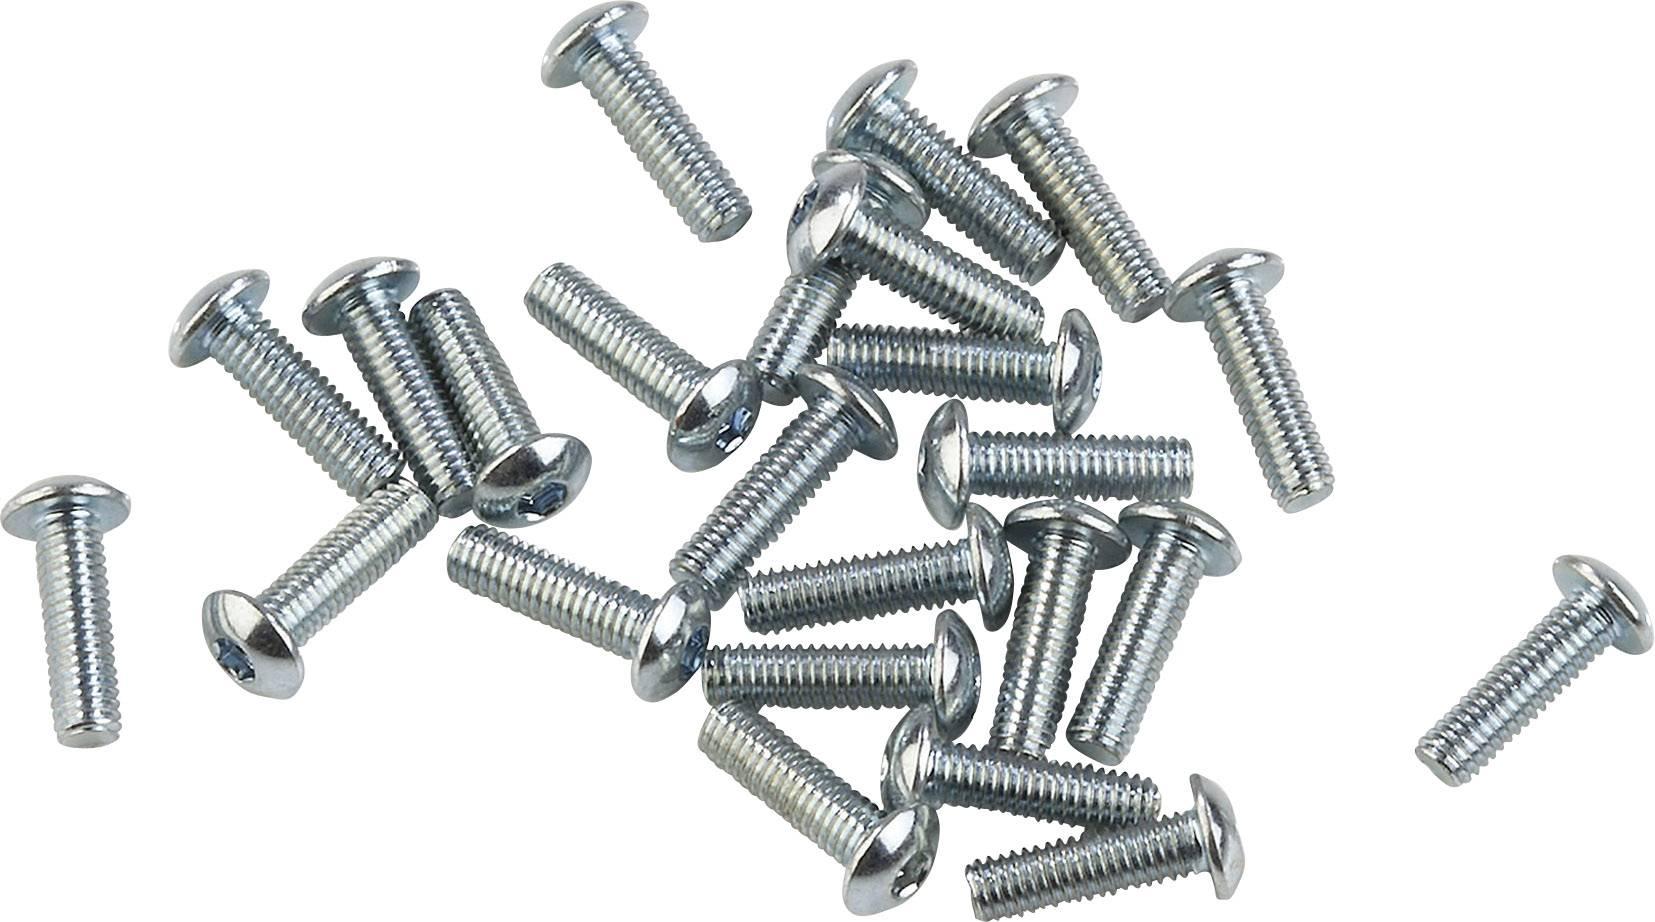 500 Teile Senkkopfschrauben Sortiment 2 mm DIN 963 M2 Edelstahl A2